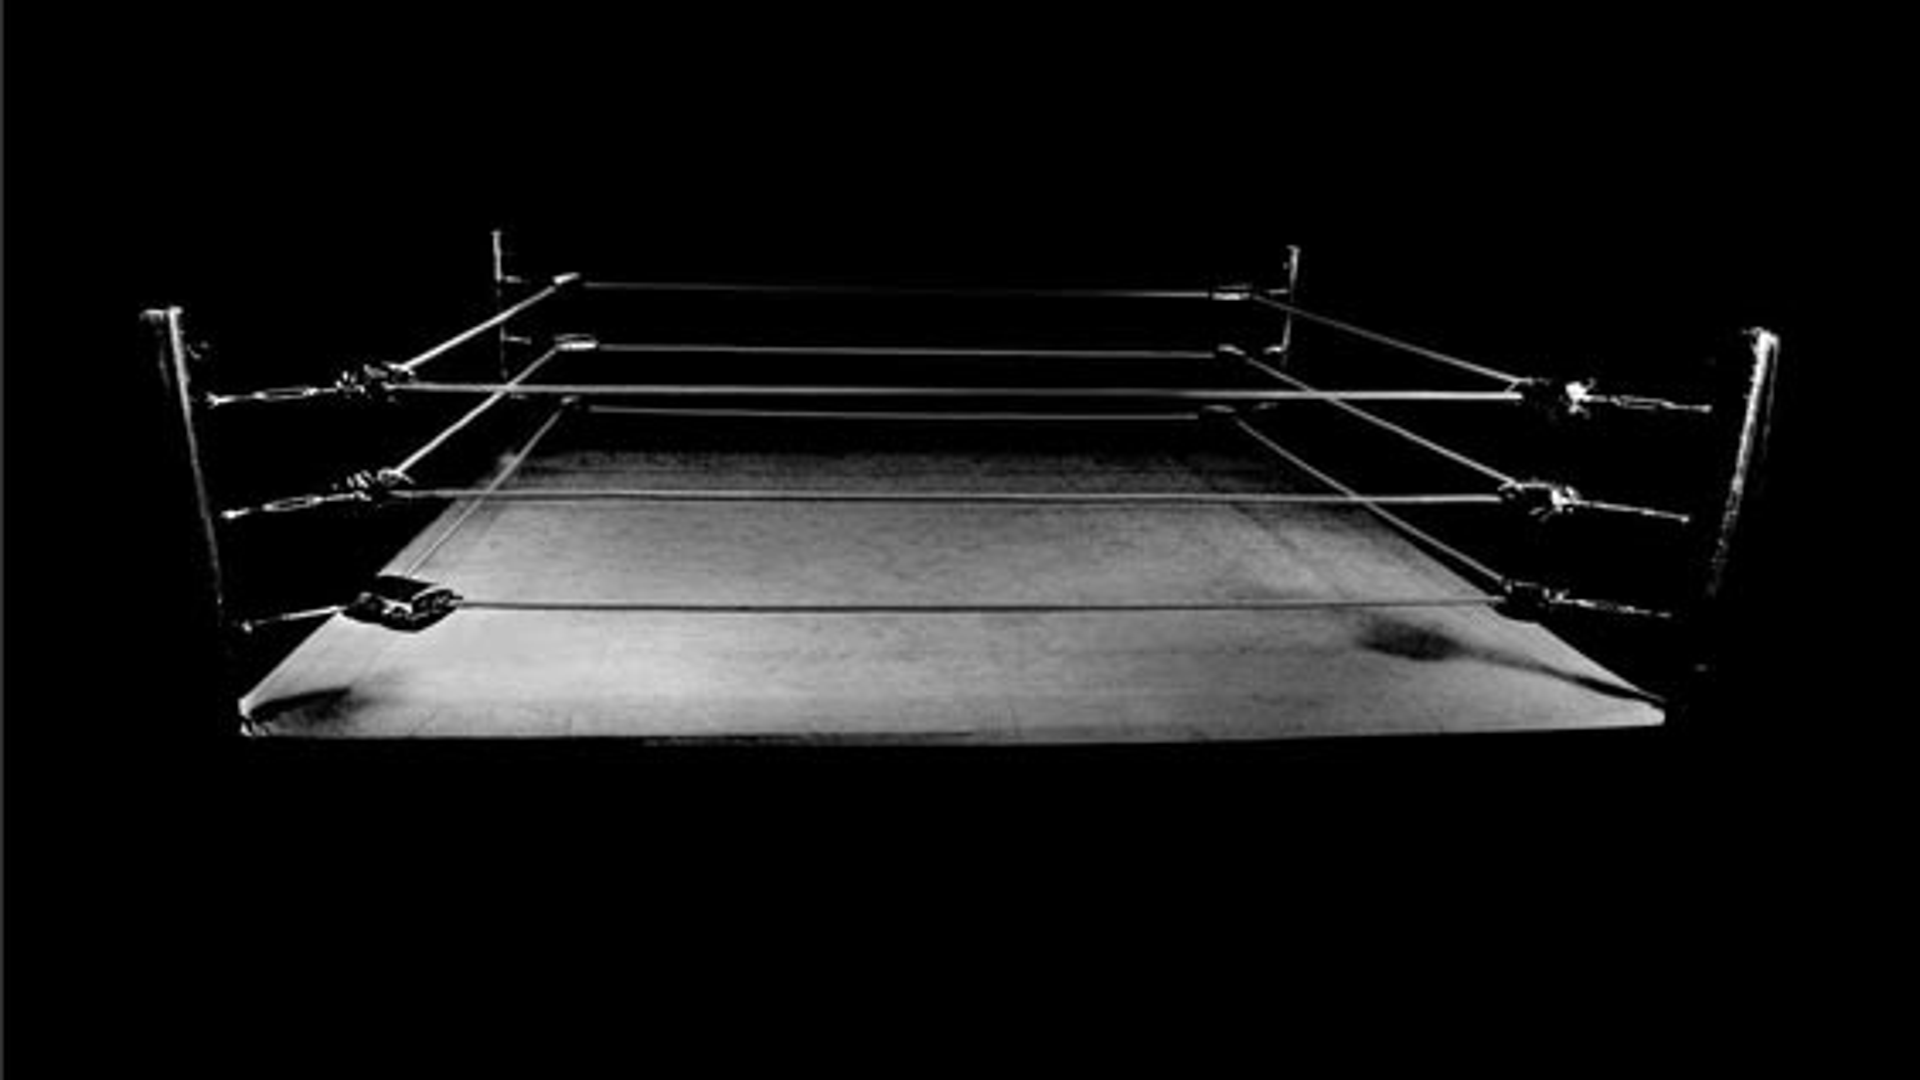 جالب ترین مسابقه بوکس بین یک مگس وزن و کرگدن وزن | فیلم